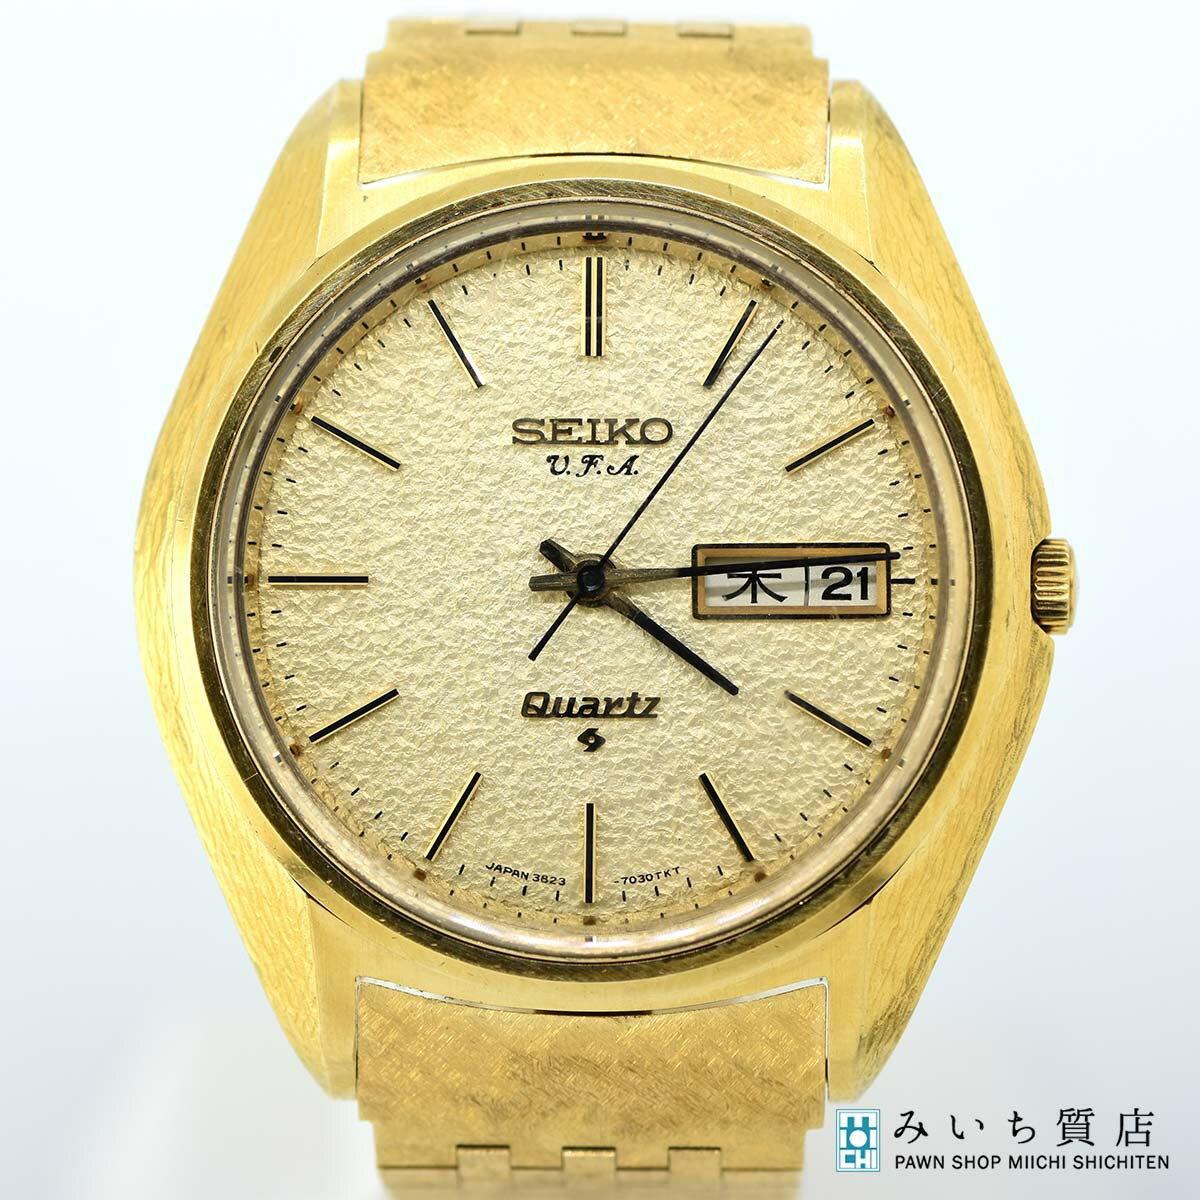 腕時計, メンズ腕時計  SEIKO VFA 3823-7030 750 K18 127.9g QZ OH